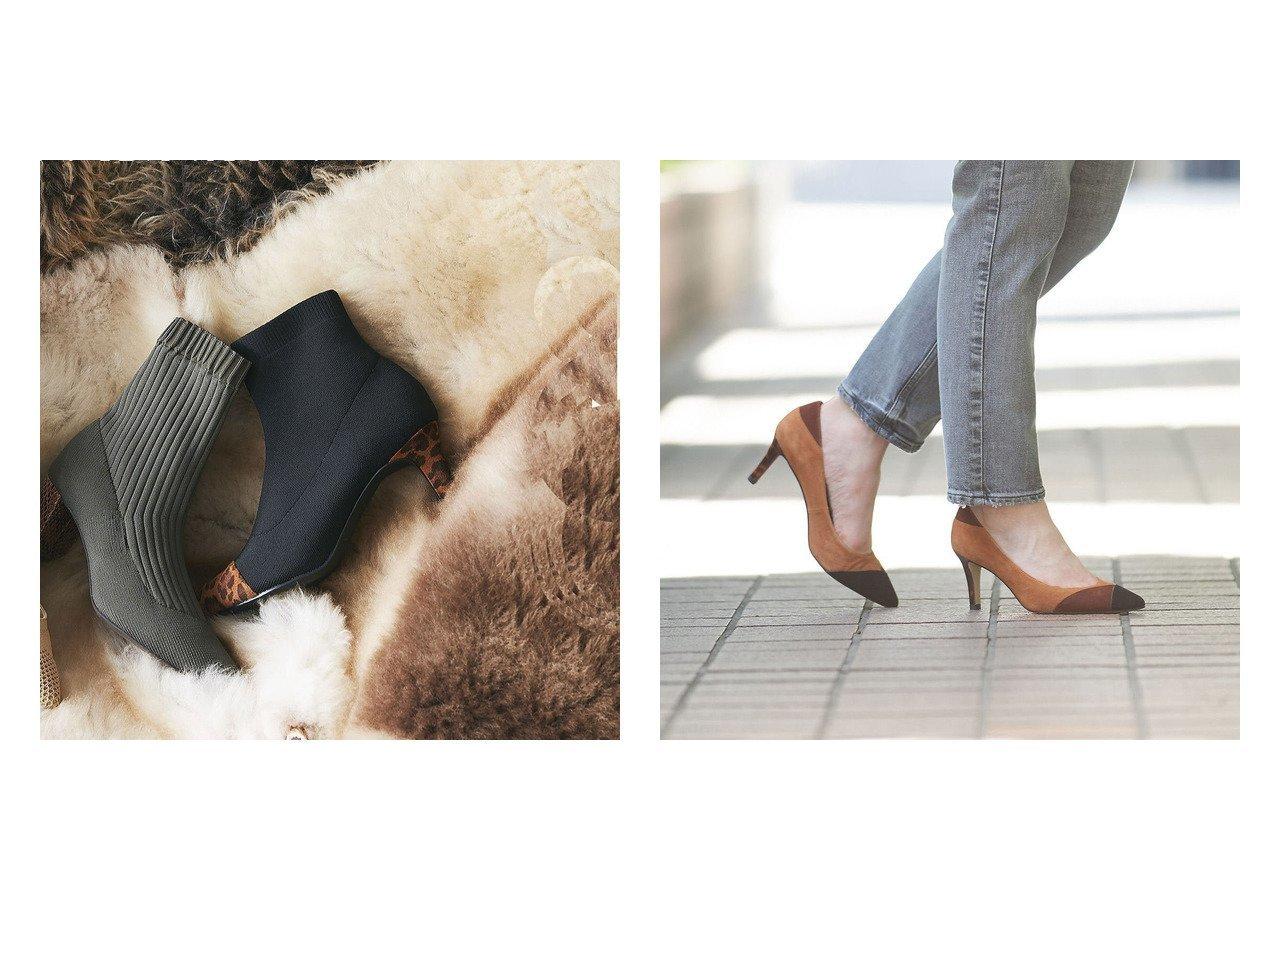 【Piche Abahouse/ピシェ アバハウス】のfluffy fit カラーブロックパンプス&ポインテッドニットショートブーツ シューズ・靴のおすすめ!人気、トレンド・レディースファッションの通販 おすすめで人気の流行・トレンド、ファッションの通販商品 メンズファッション・キッズファッション・インテリア・家具・レディースファッション・服の通販 founy(ファニー) https://founy.com/ ファッション Fashion レディースファッション WOMEN A/W 秋冬 AW Autumn/Winter / FW Fall-Winter エレガント ソックス インソール クッション 人気 ブロック ベーシック |ID:crp329100000016317